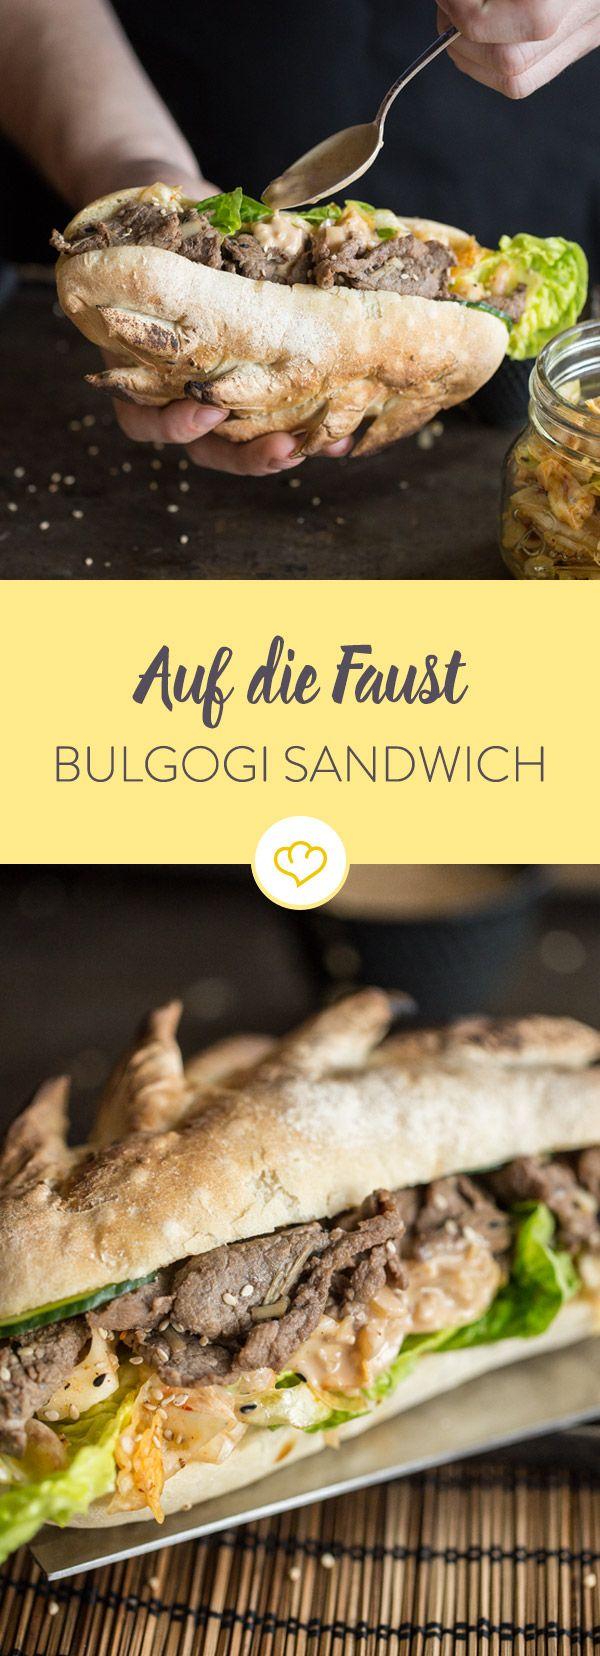 Bulgogi ist für sich alleine schon unglaublich lecker. Kombiniere Bulgogi mit Kimchi, asiatischer Mayo und Baguette zum ultimativen Sandwich.